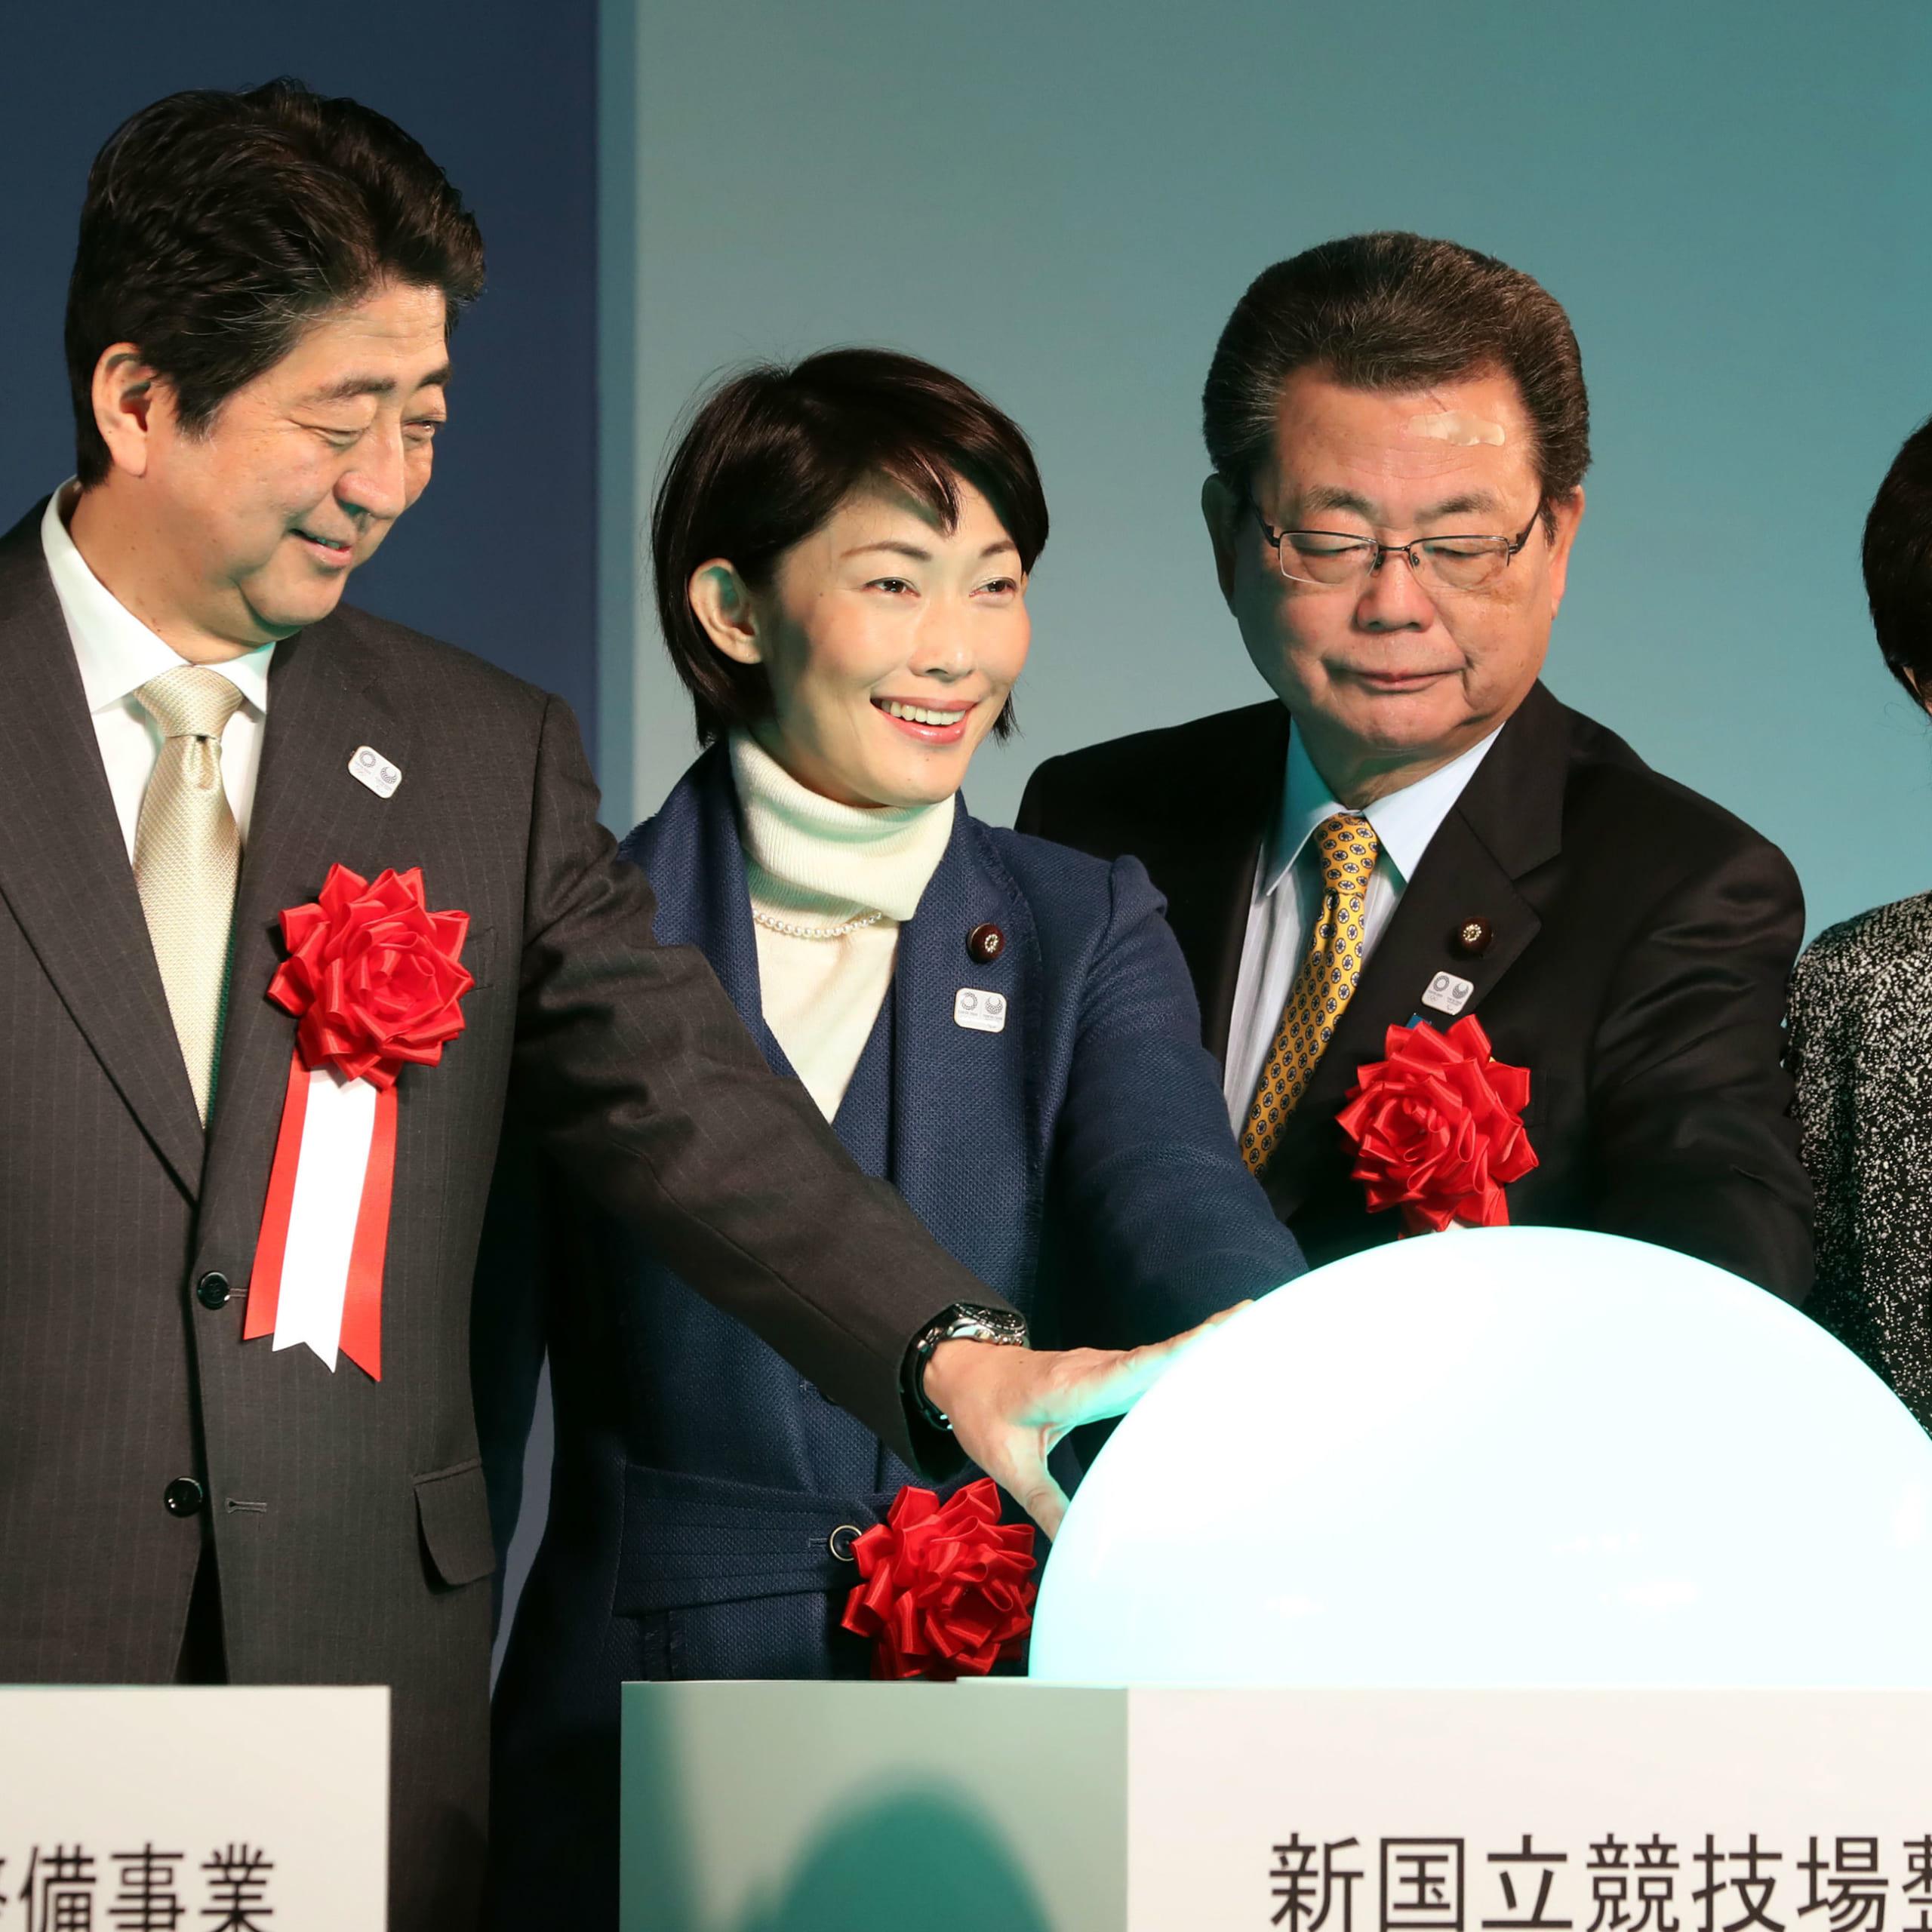 オリンピックに大阪万博。日本人よ、浮かれている場合じゃない